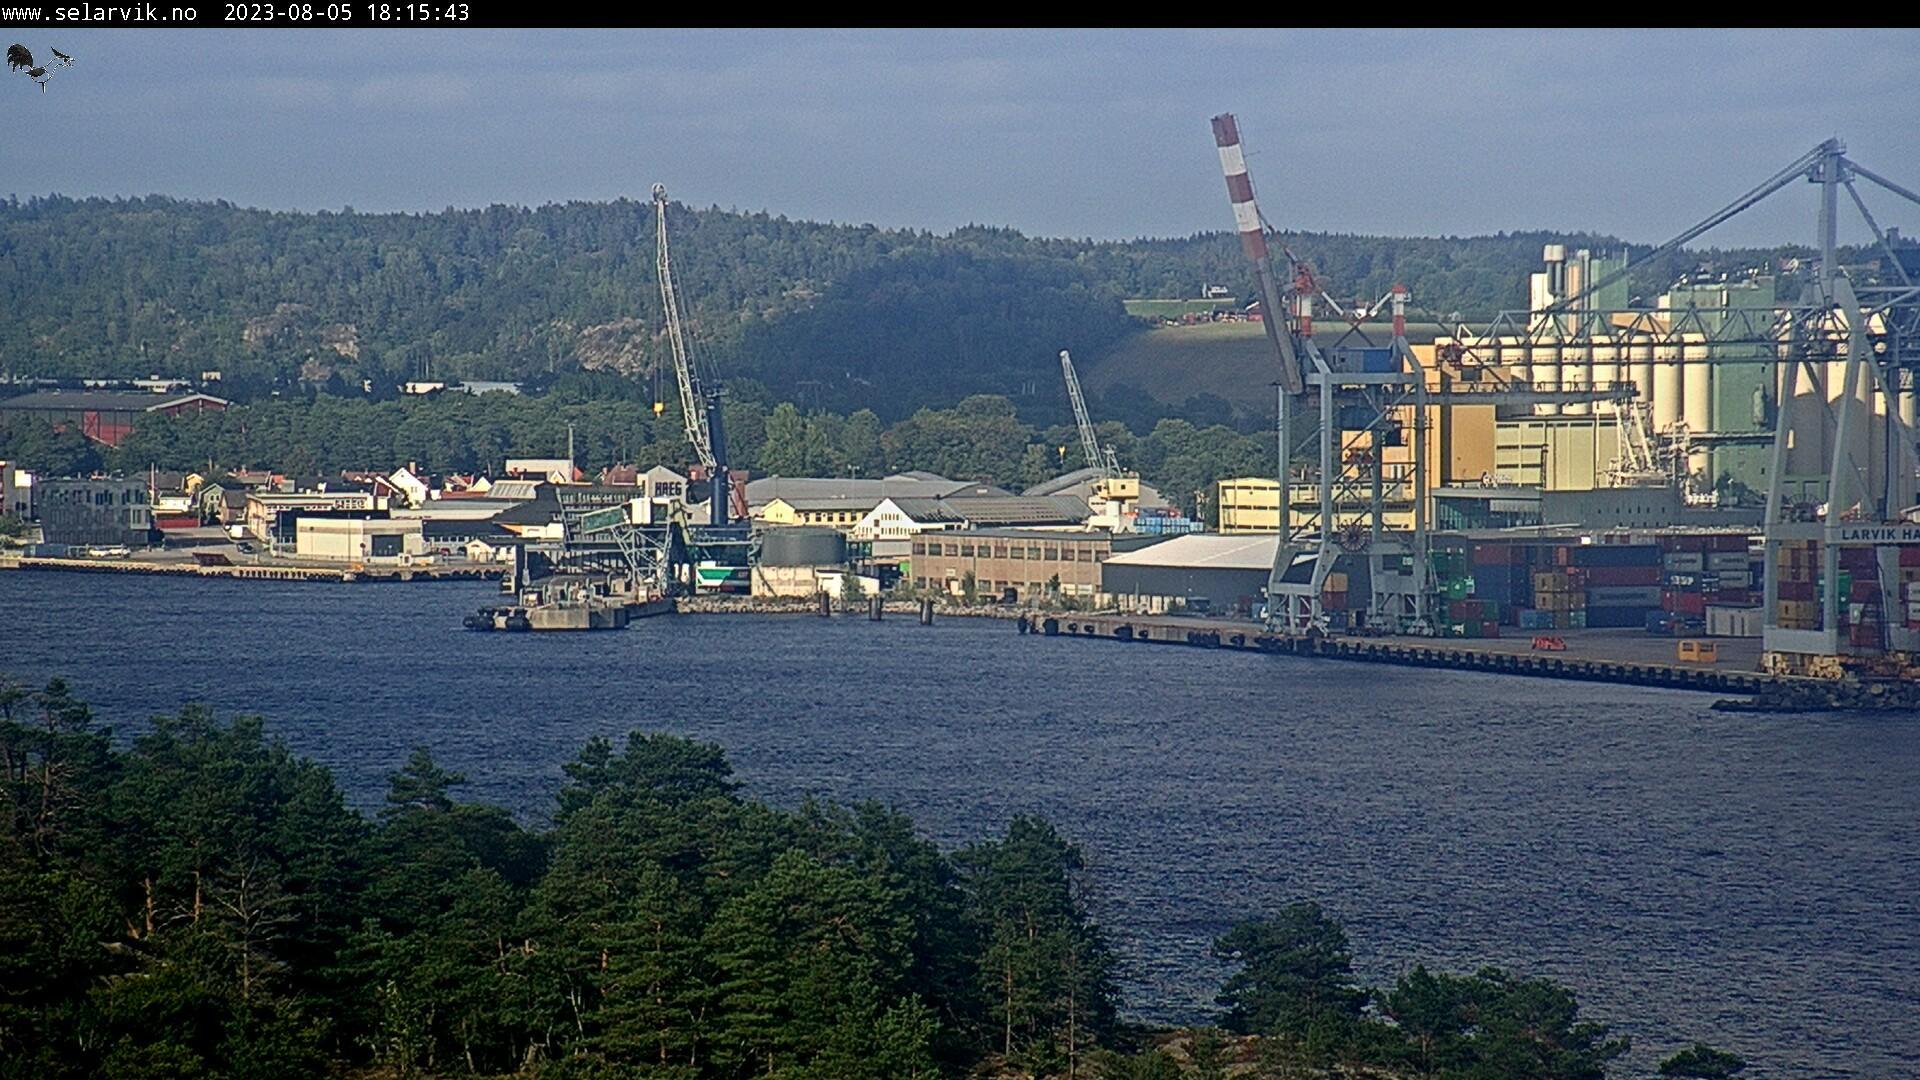 Webkamera Fredenshavn bru: Larvik havn